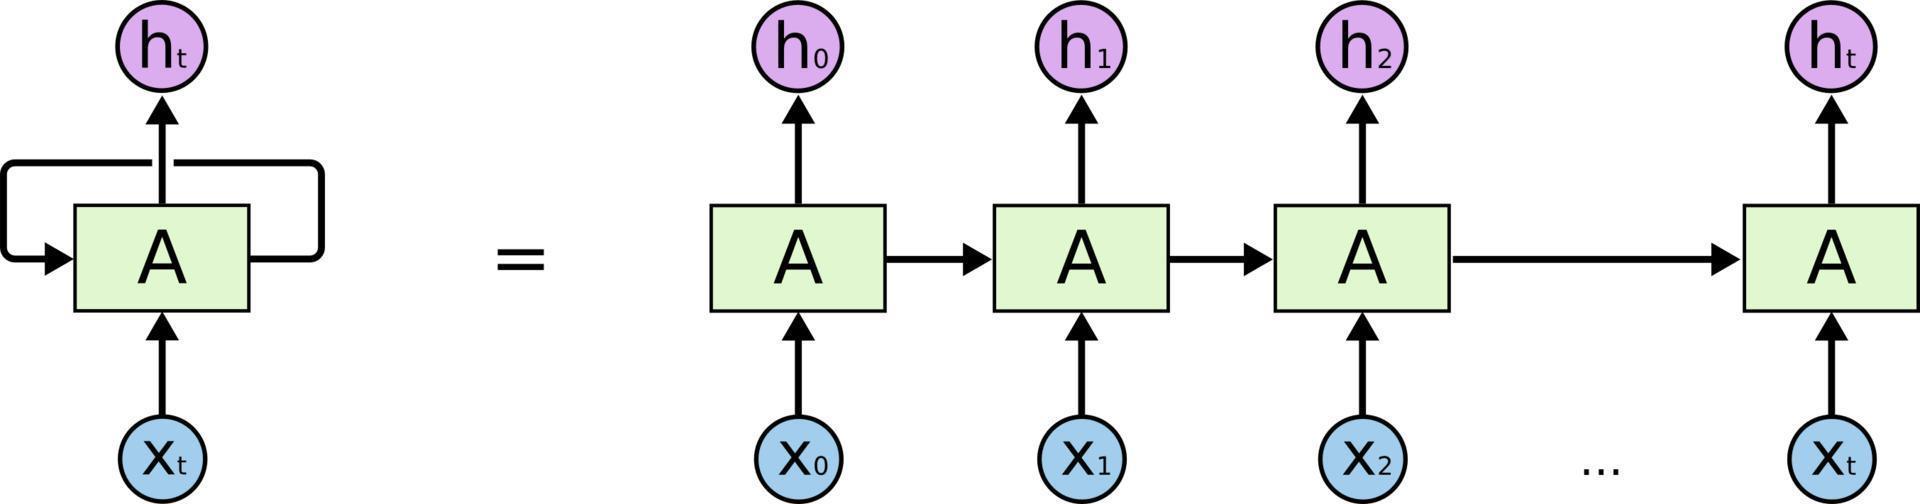 """rnn引入了""""环""""的结构,某一时刻的输出不仅与当前时刻的输入有关,还与"""